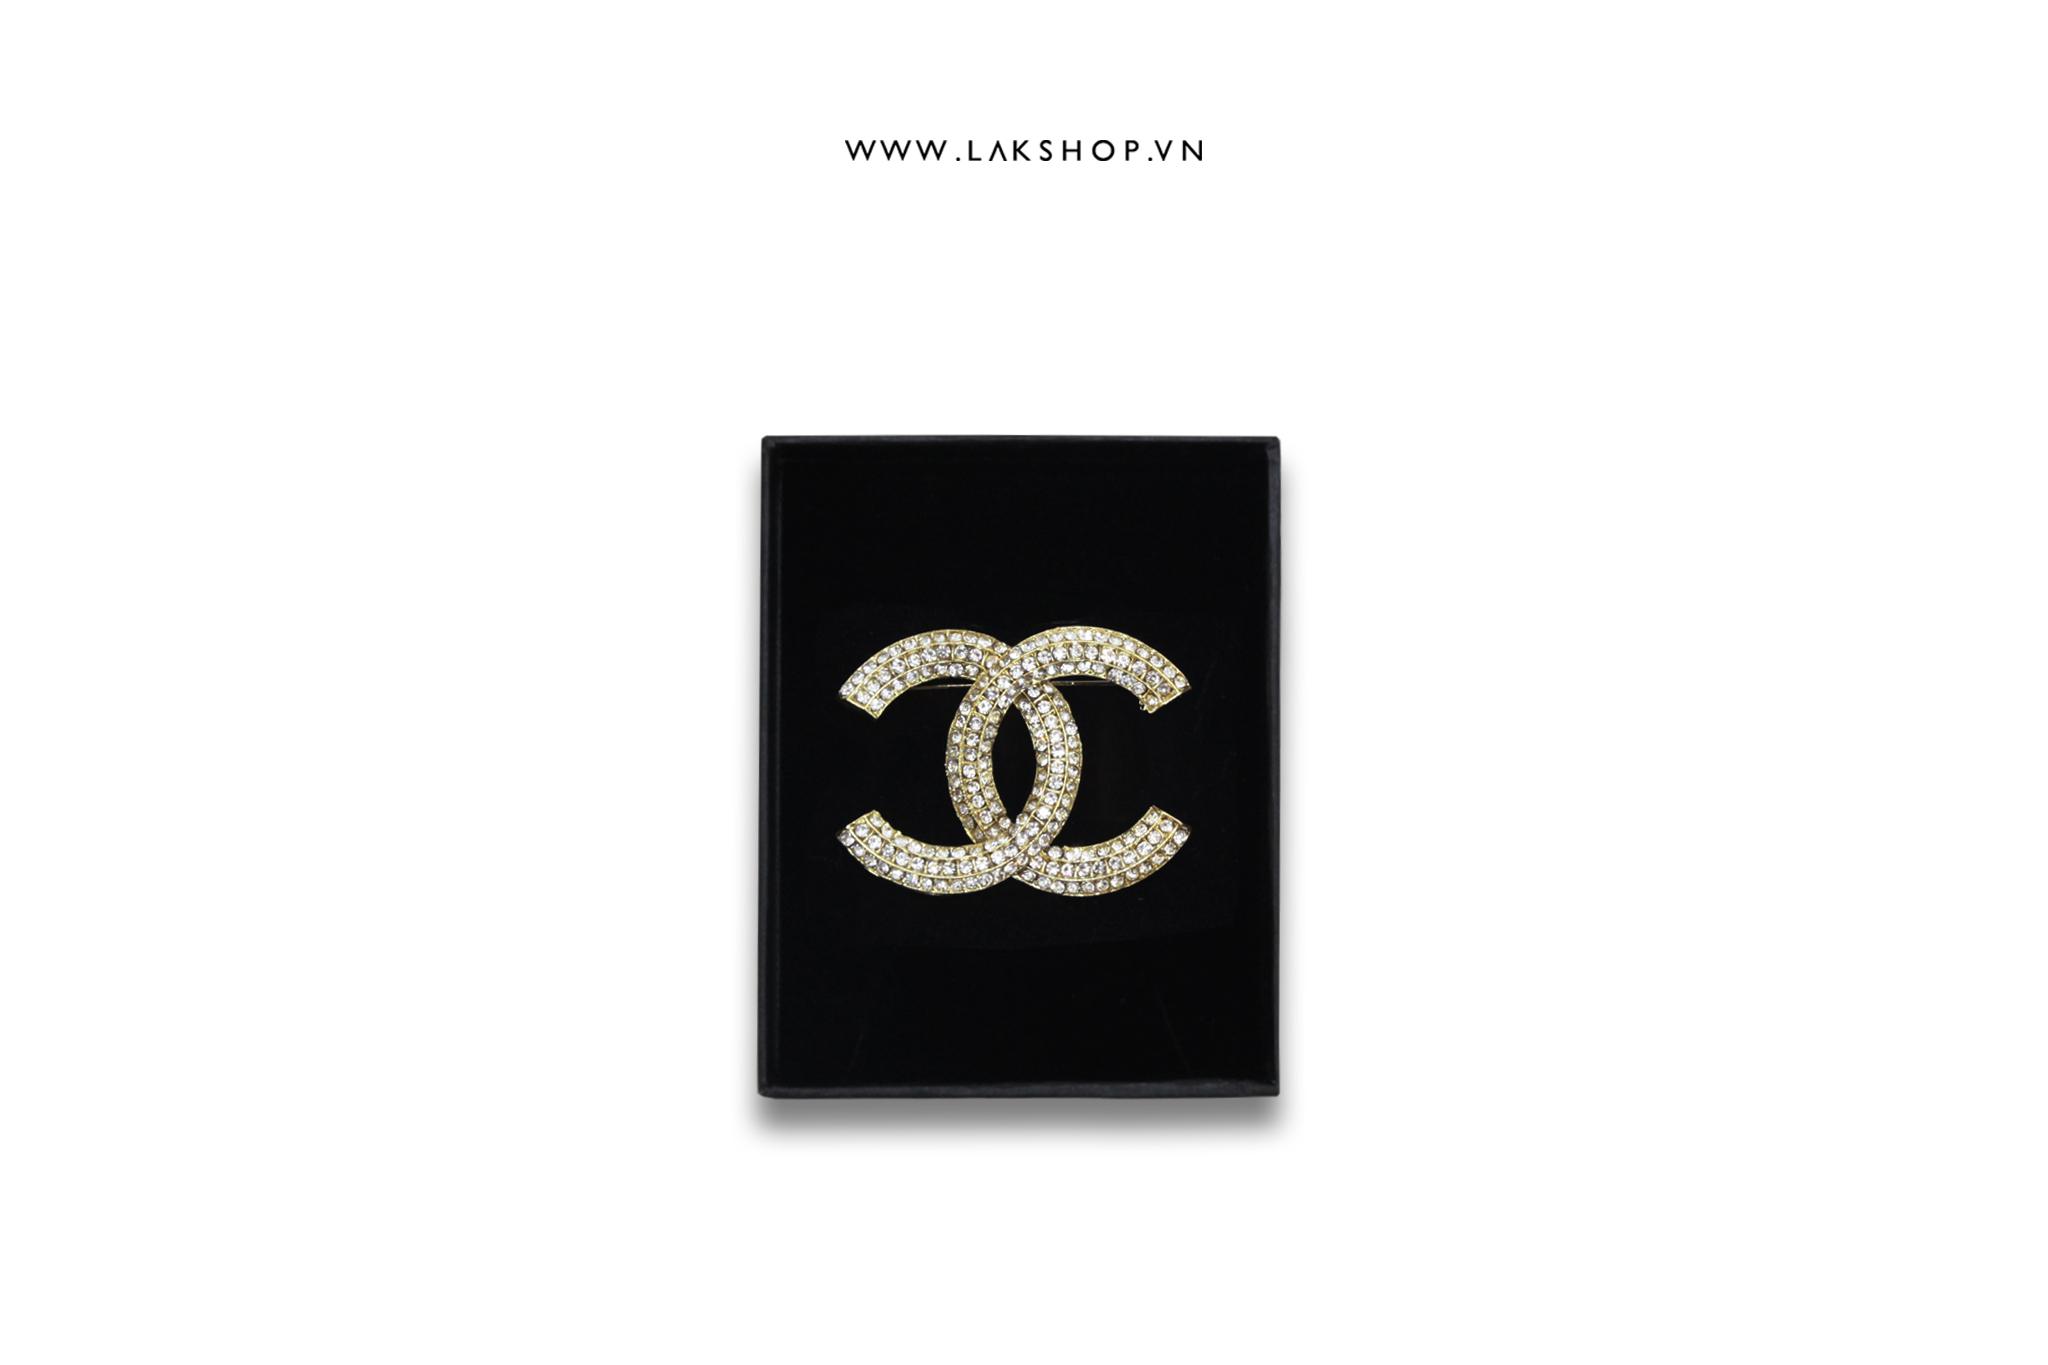 Trâm Cài Chanel Logo CC Viền Đá Bo Tròn Vàng